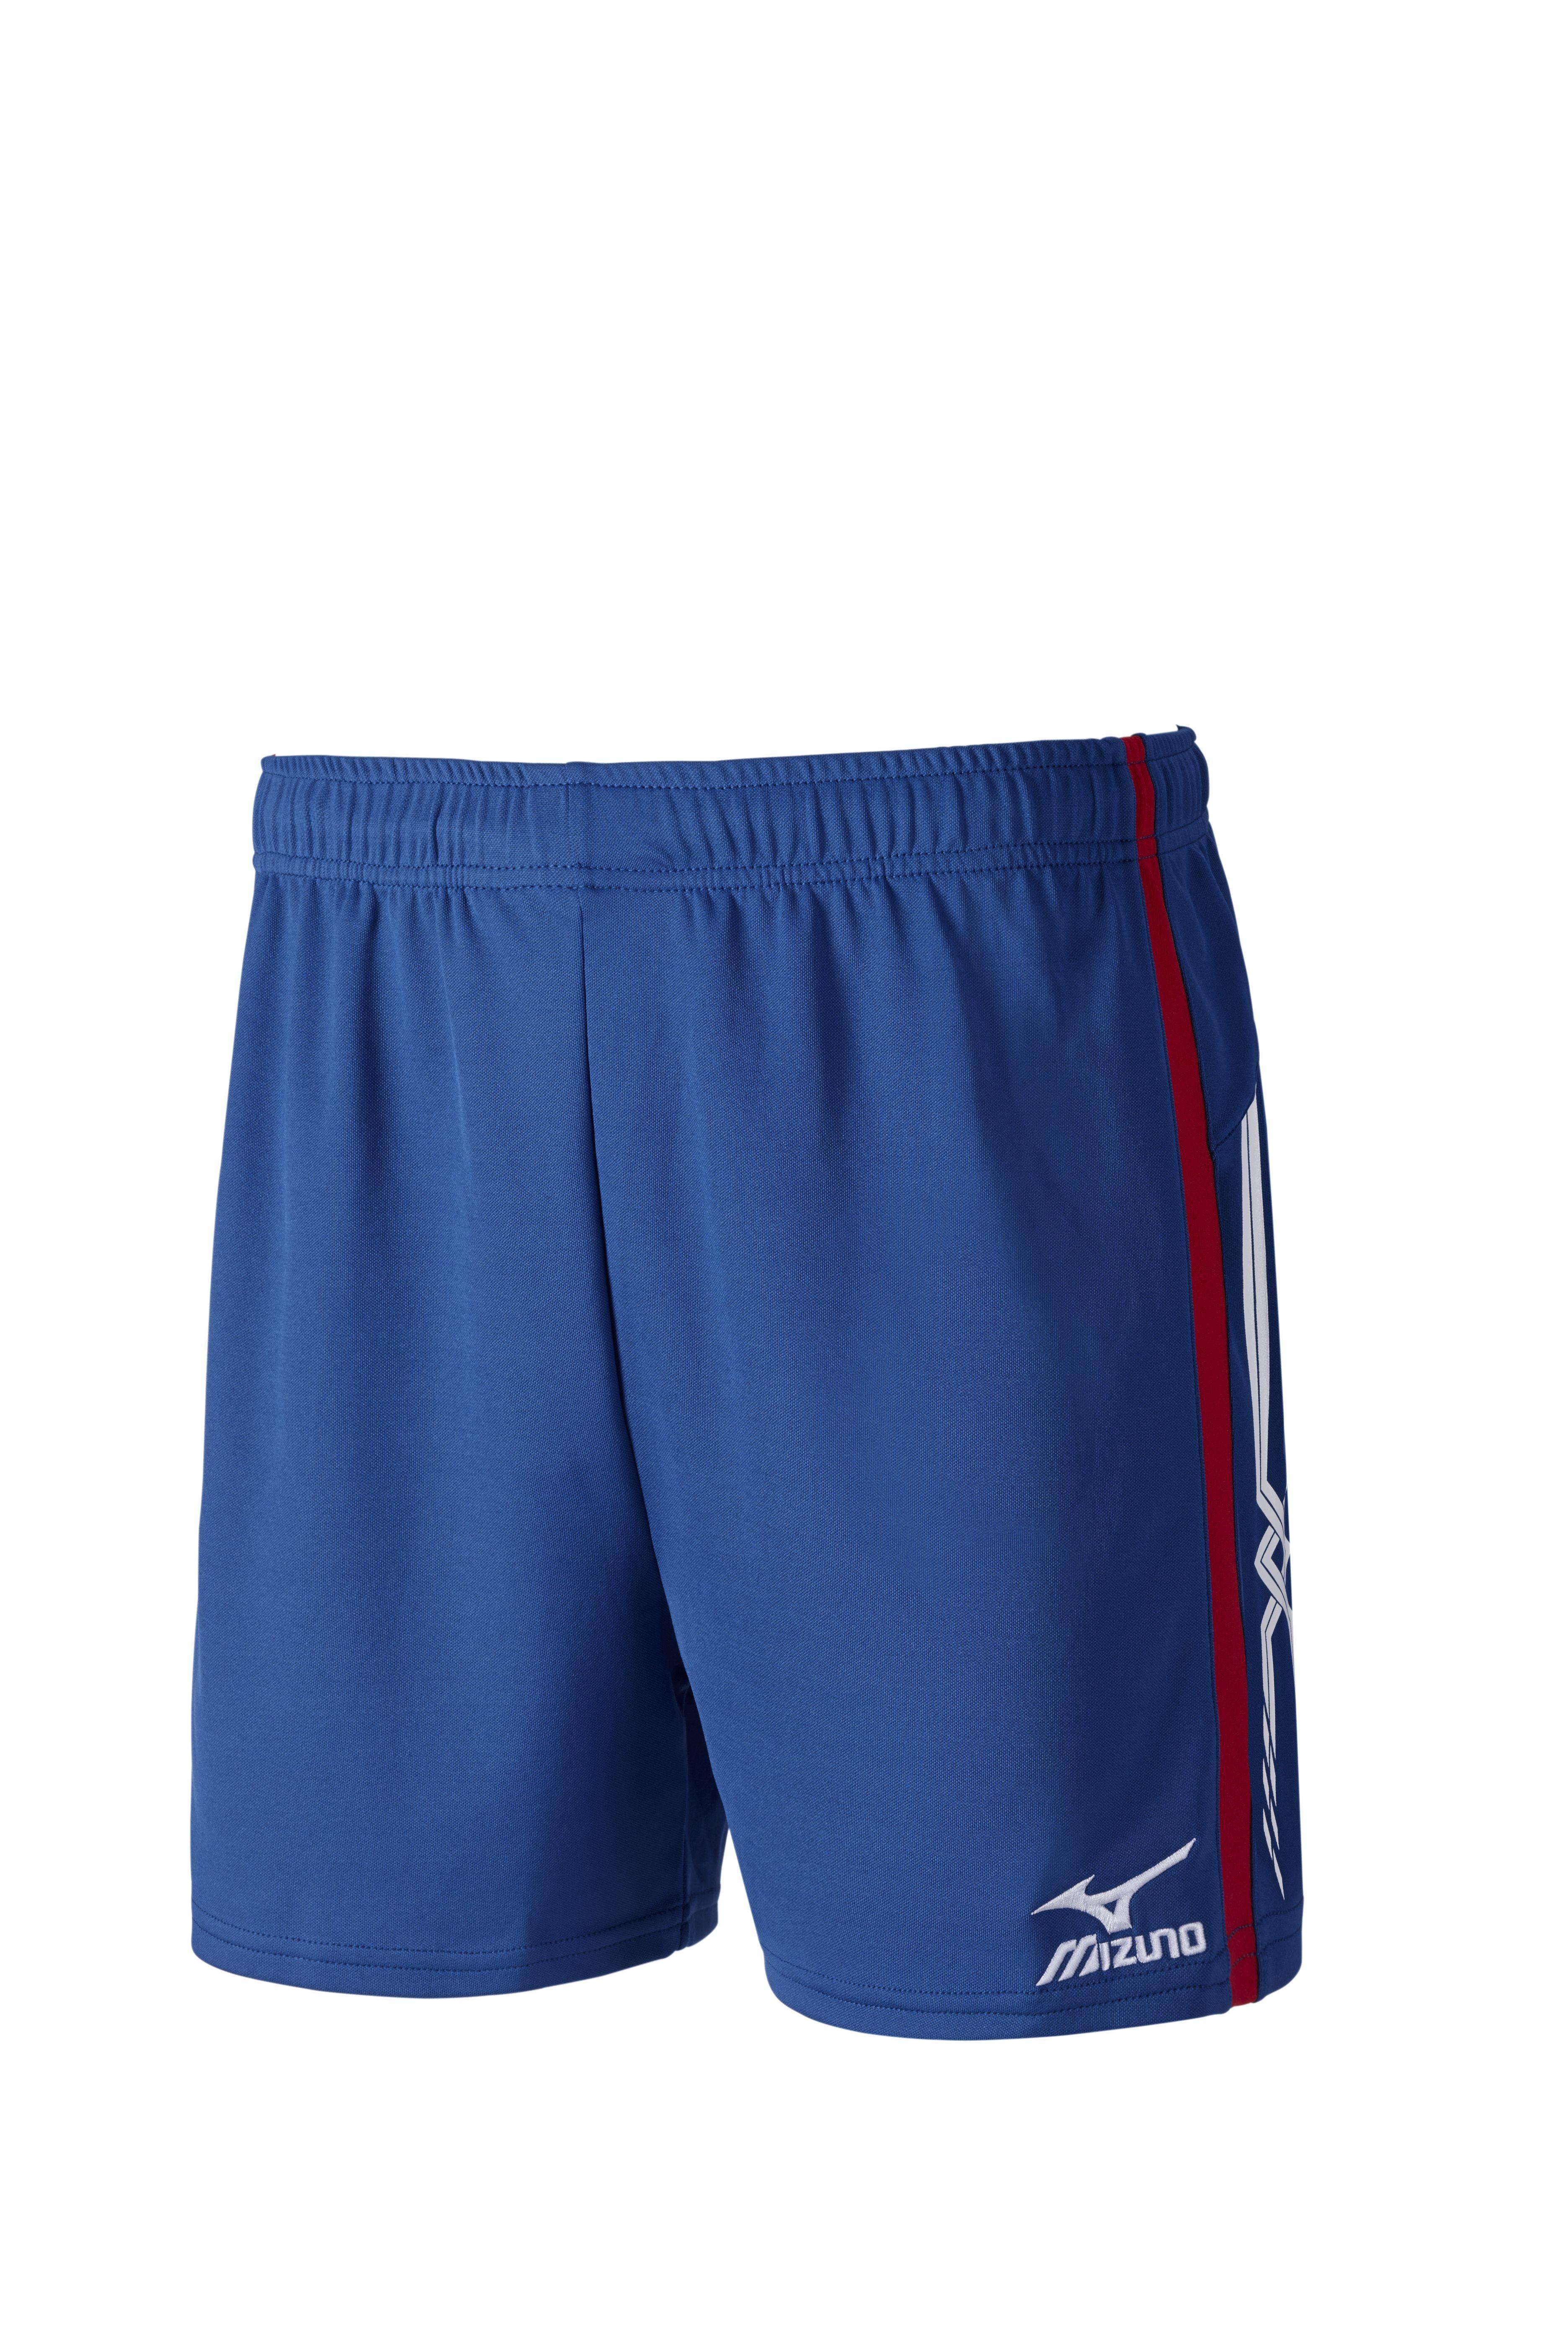 Mizuno Premium Shorts V2GB6B3022 M